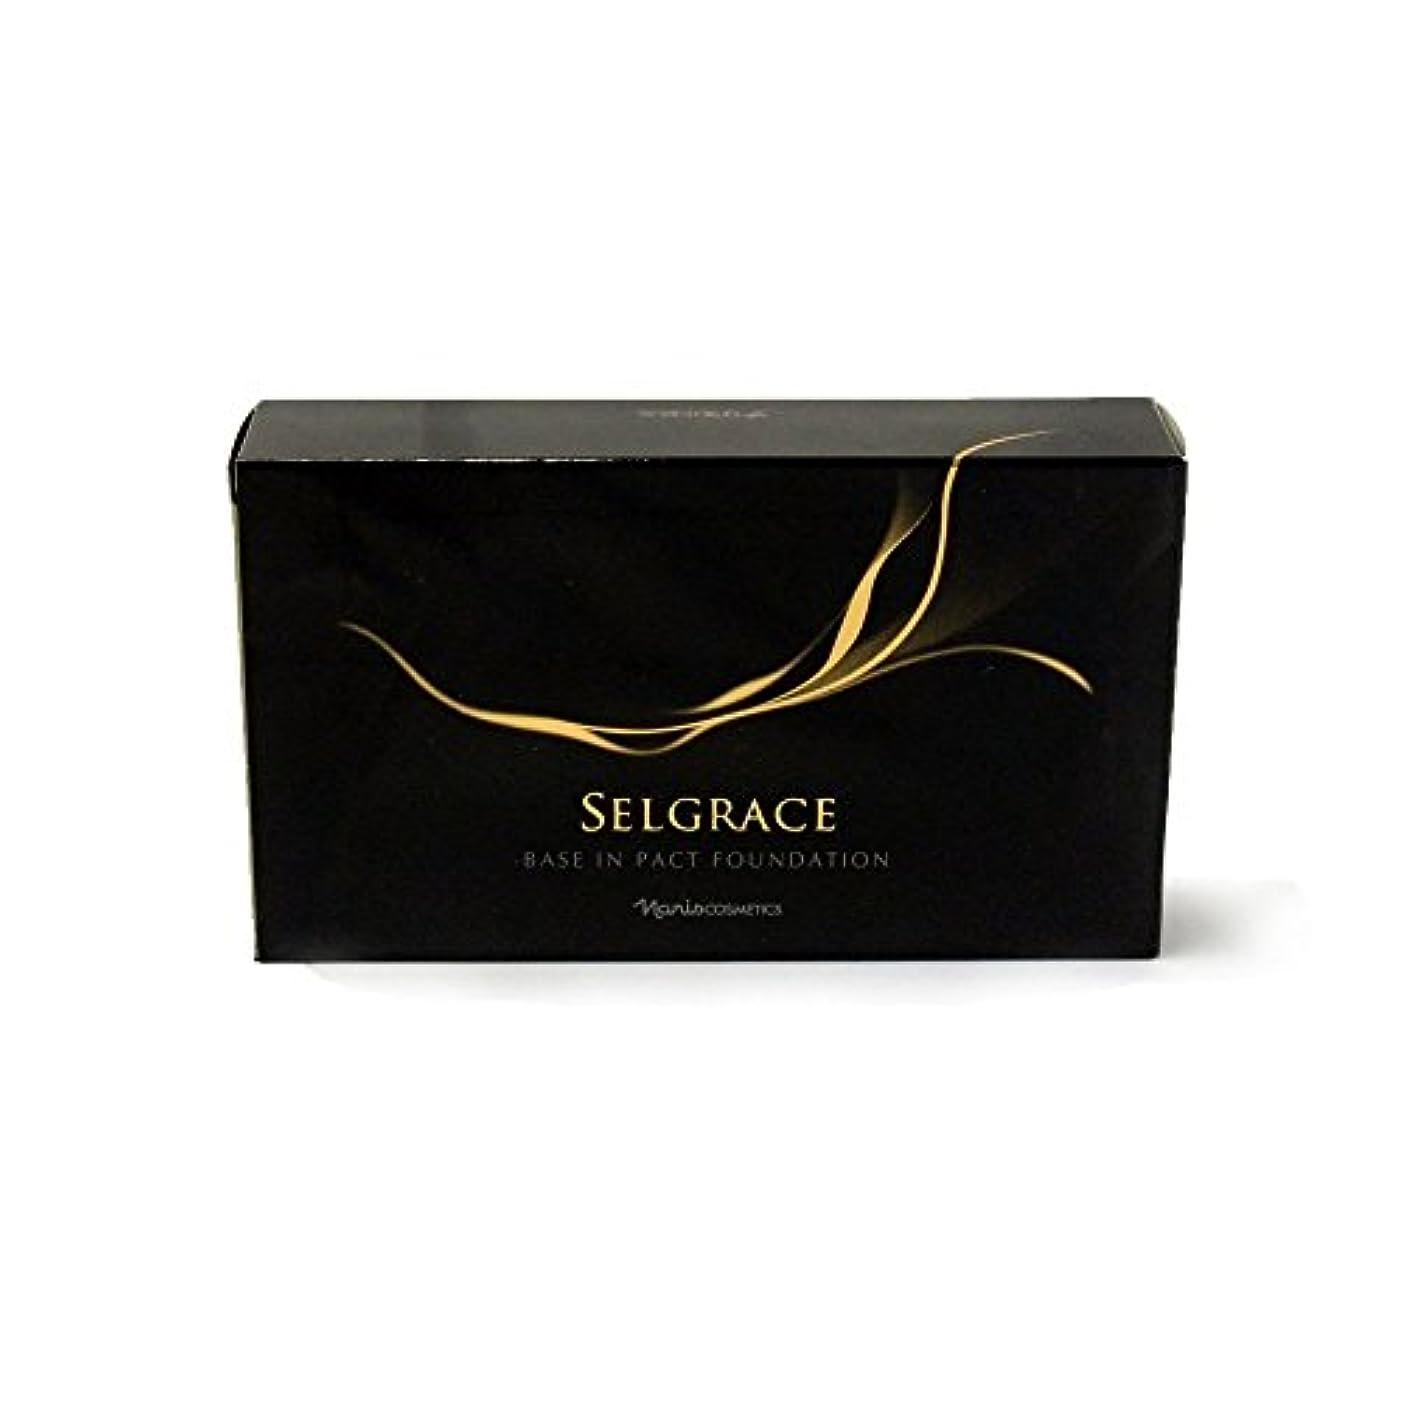 価値のない挨拶ブリッジナリス化粧品 セルグレース ベースインパクト ファンデーション 570 ダークベージュ レフィル (スポンジ付き)